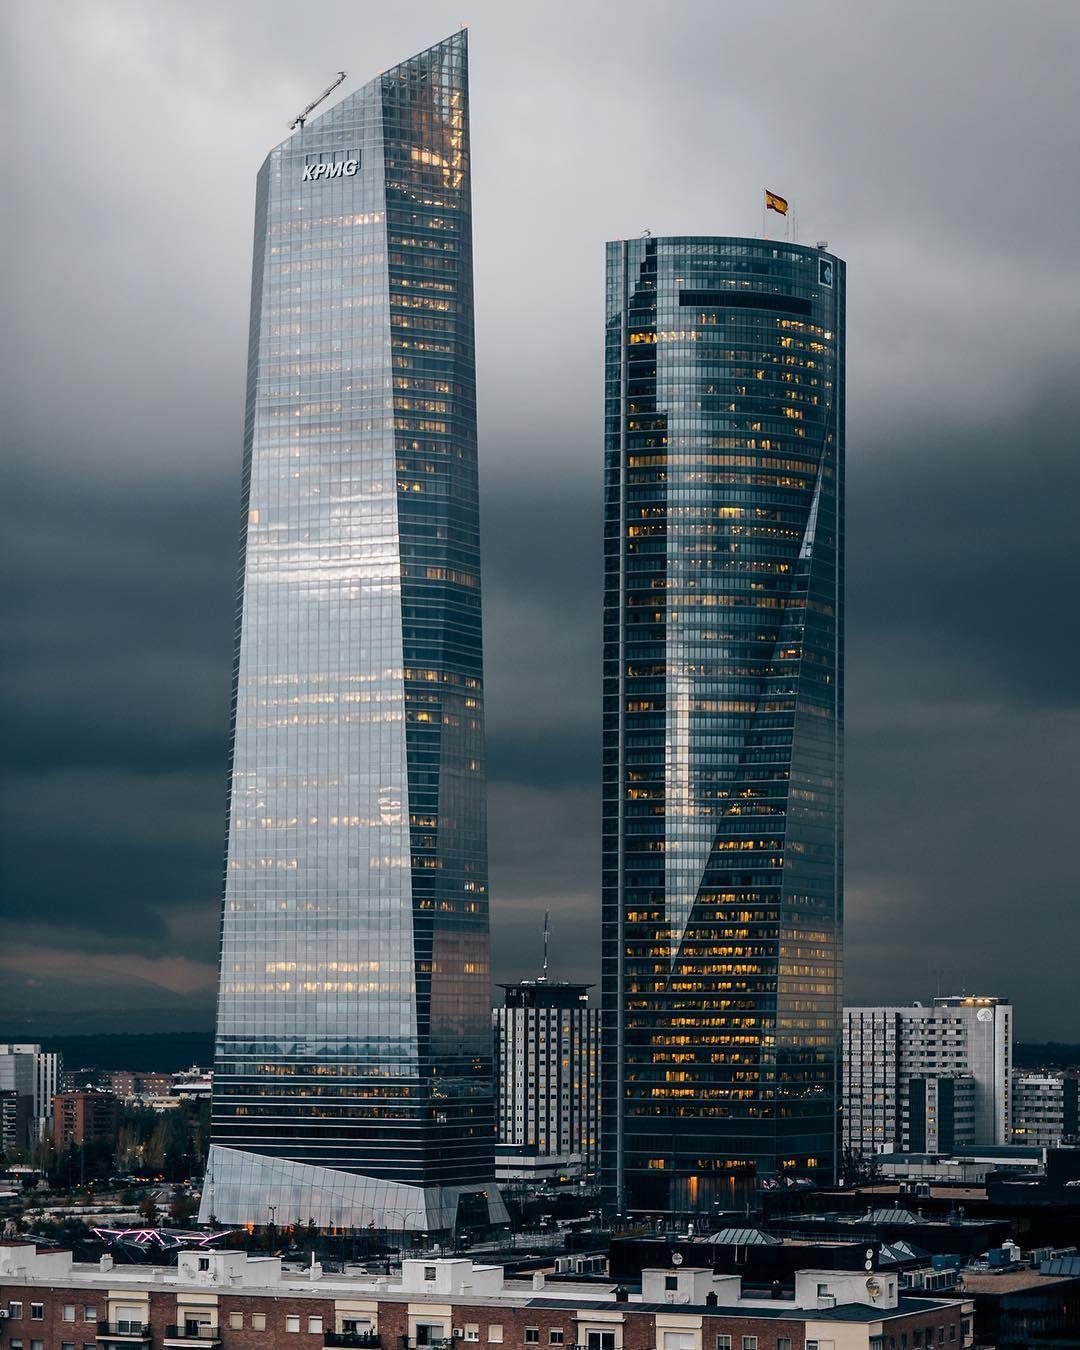 Alaccou Skyscraper Architecture Office Building Architecture Architecture Building